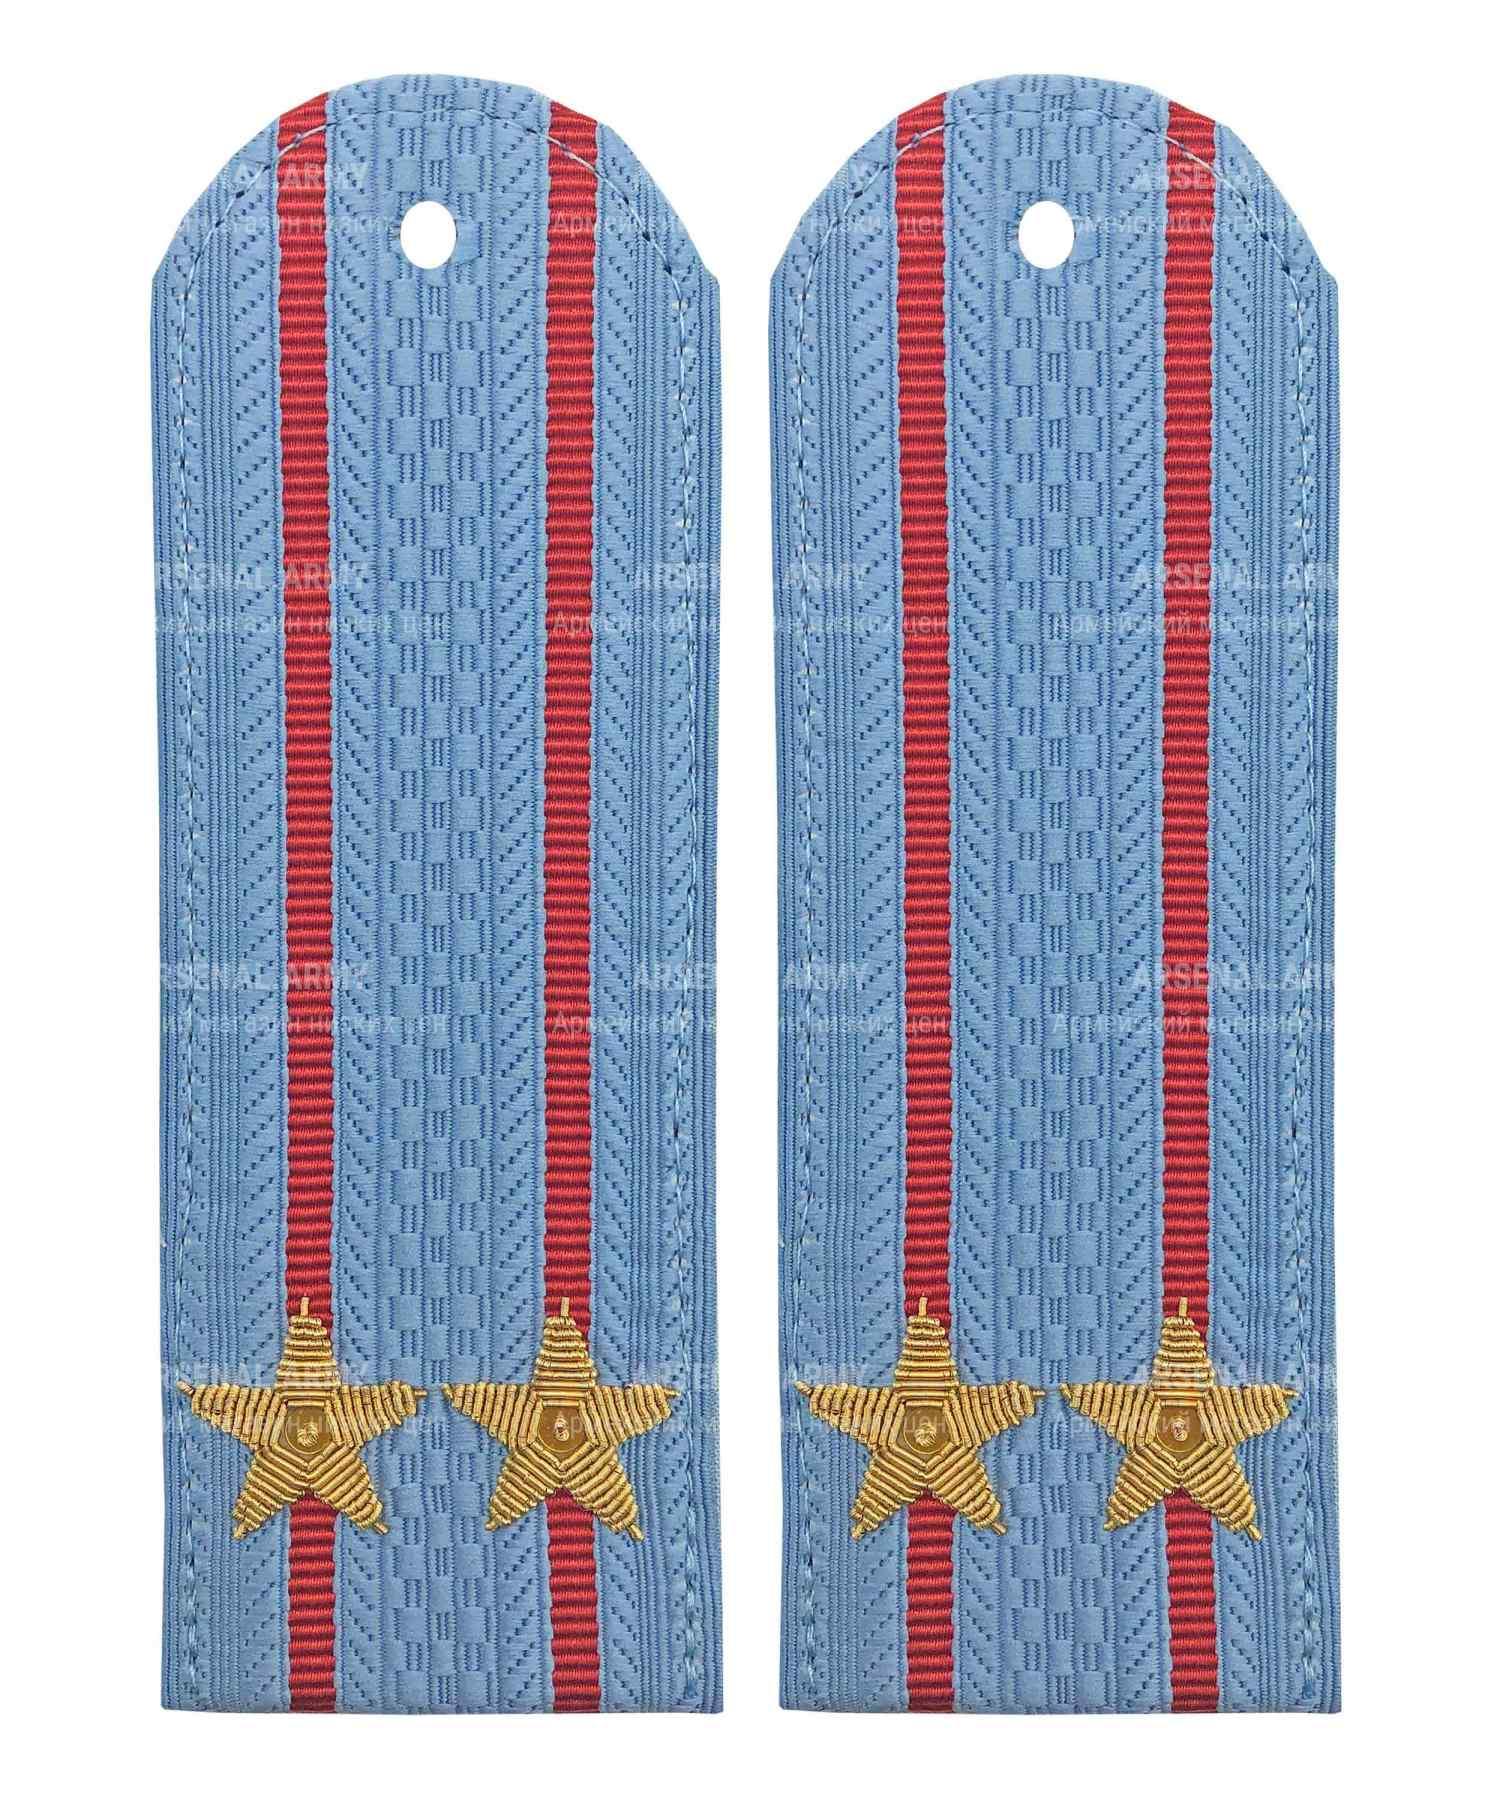 Погоны полиции подполковник голубые картонные